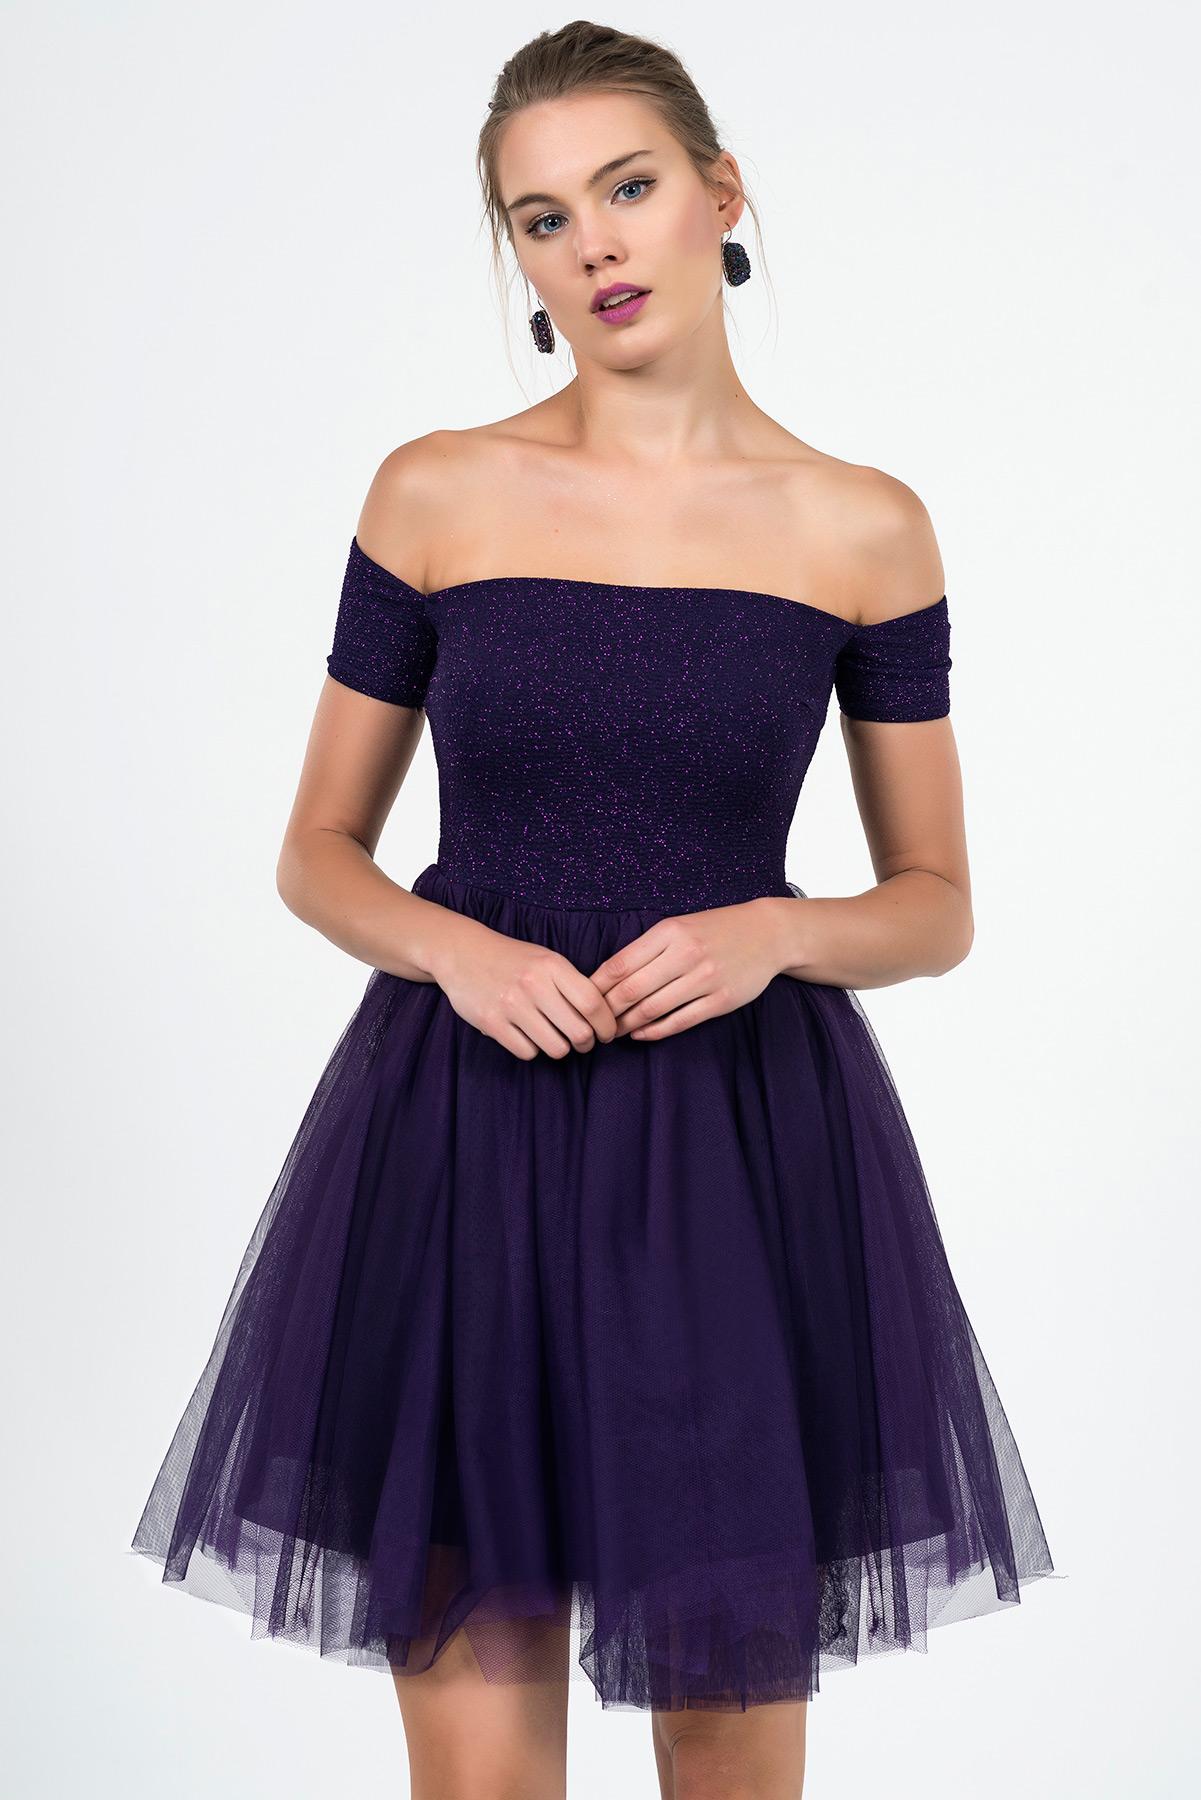 mezuniyet elbise modelleri 1.jpg